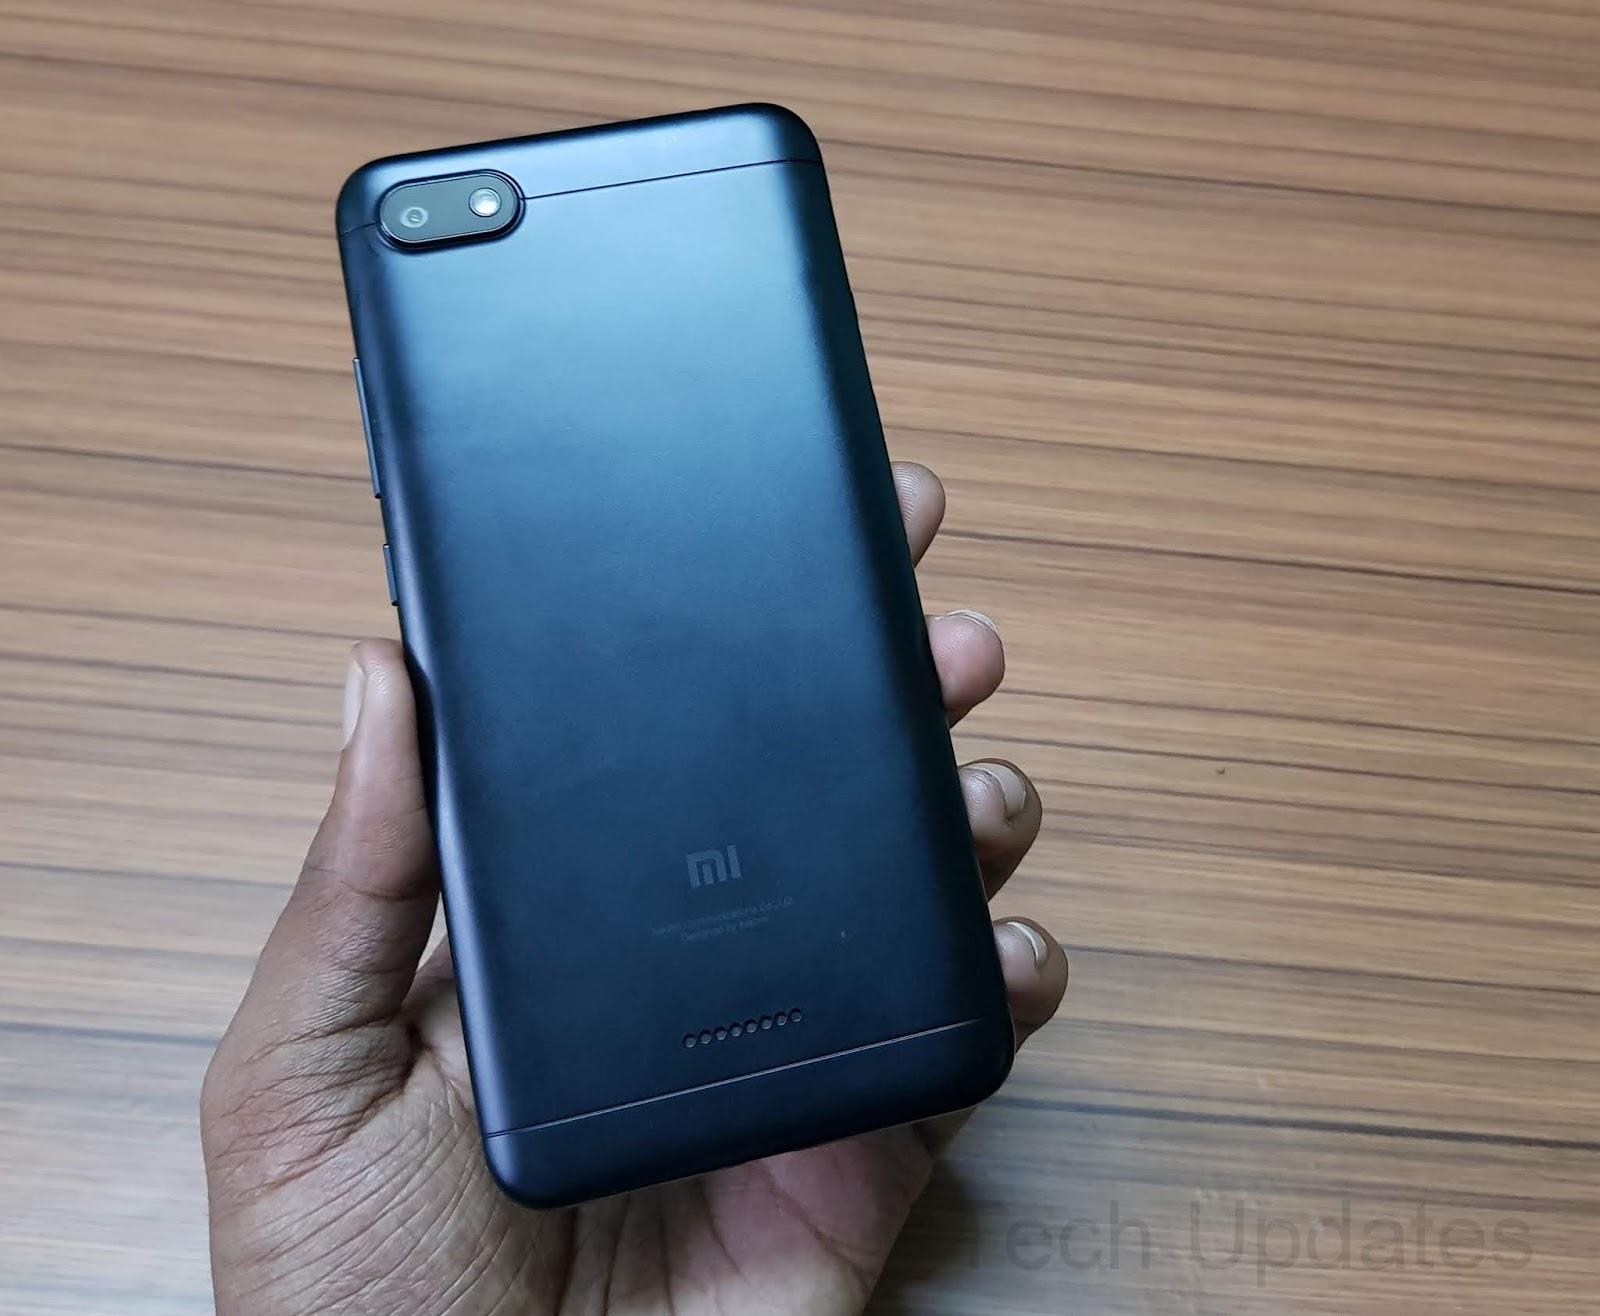 Xiaomi Redmi 6A, Redmi 6, Redmi 6 Pro now available in